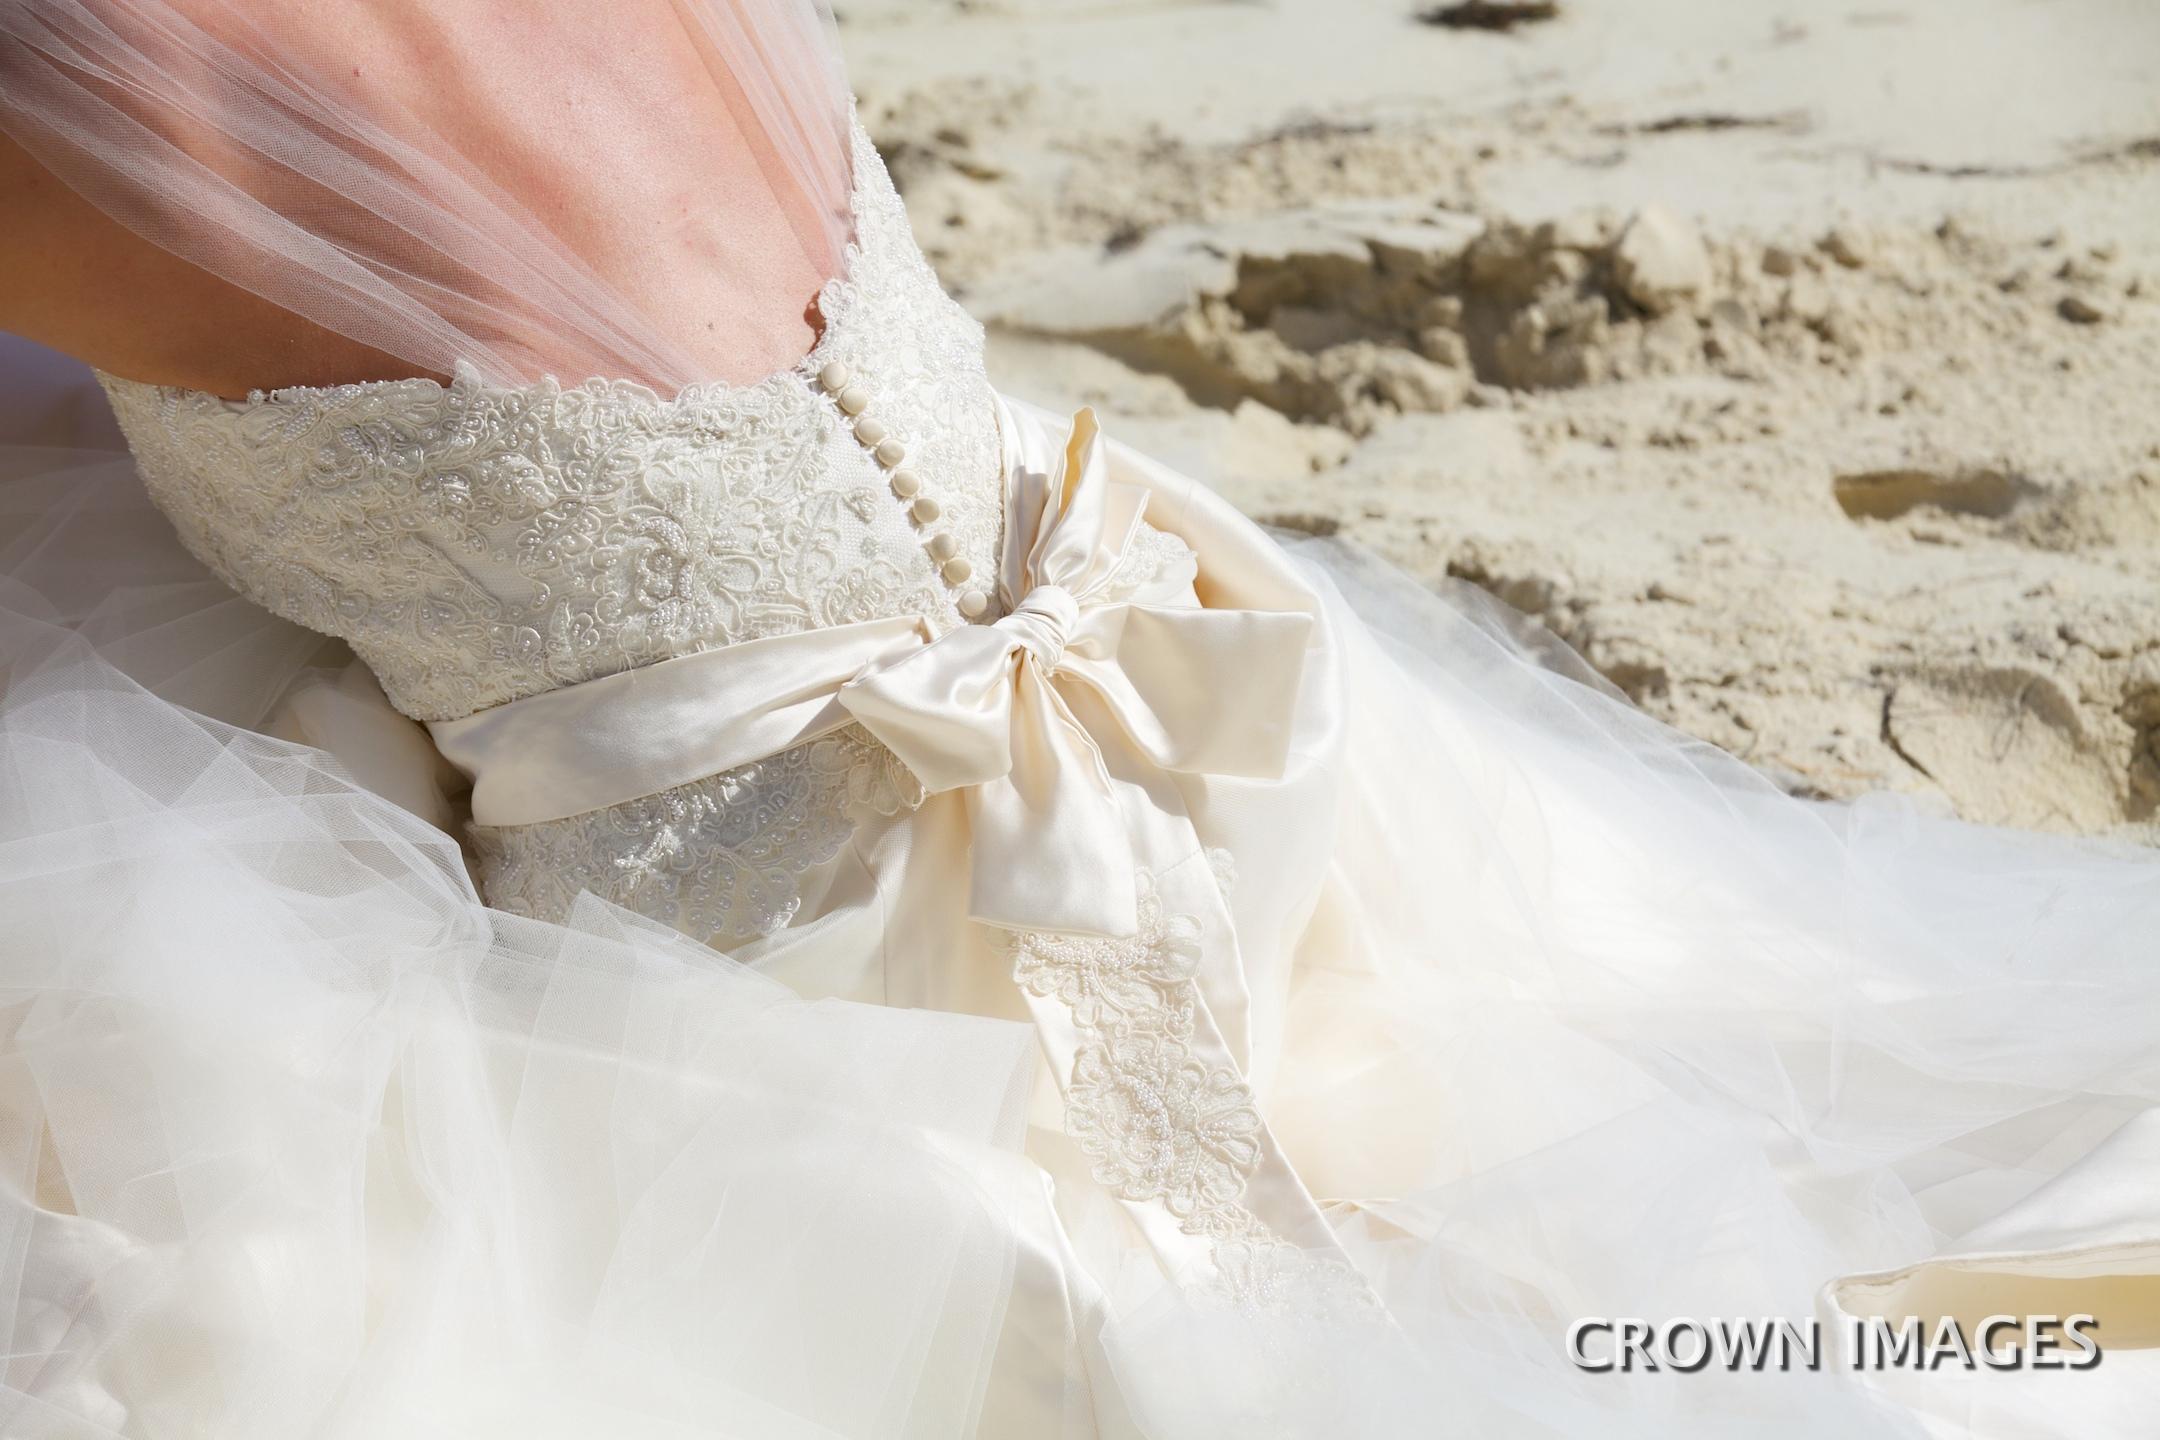 crown images IMG_8922.jpg